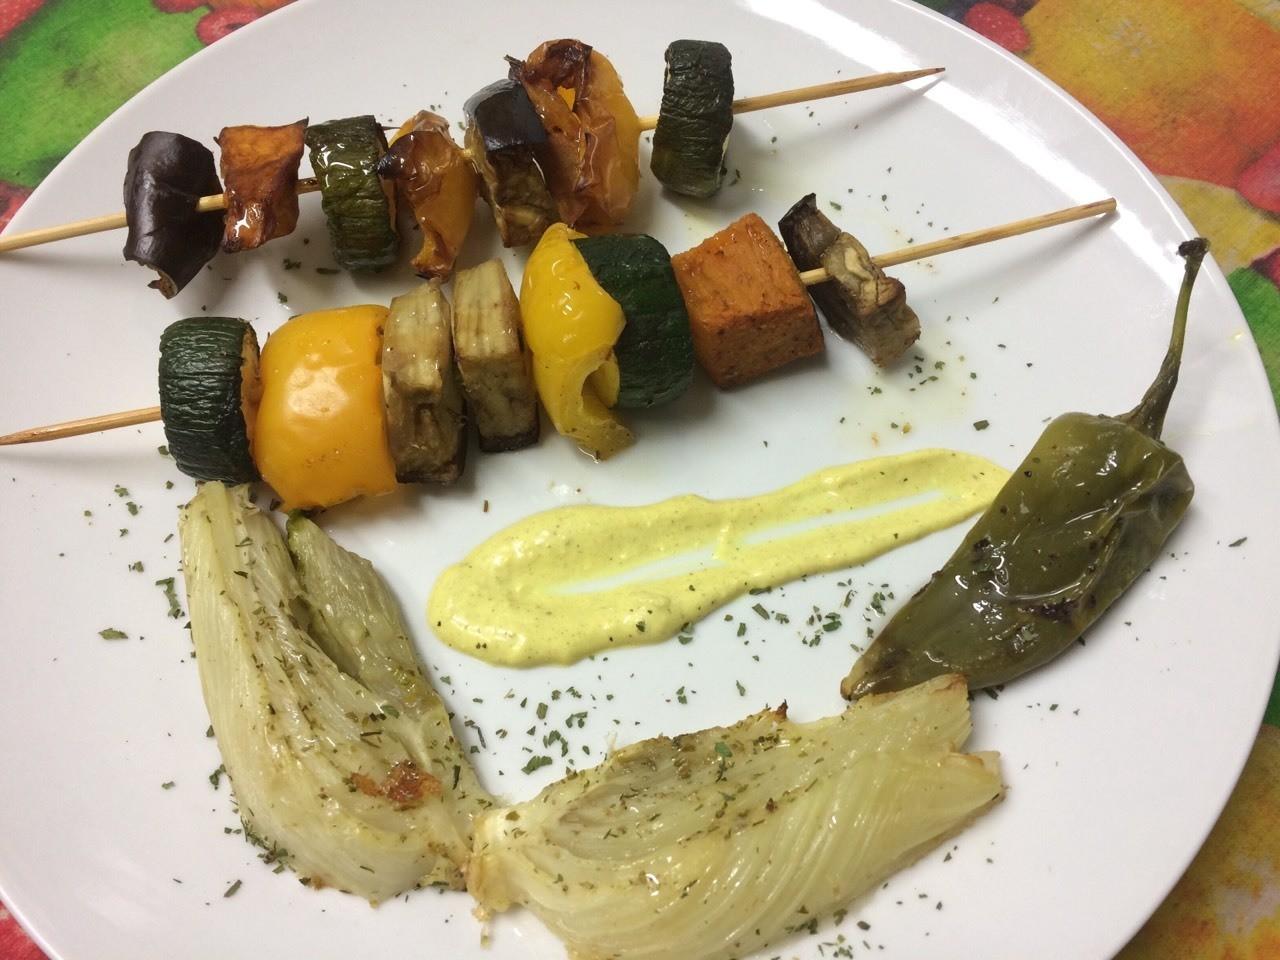 Verdurine gratinate al forno con salsa alla curcuma